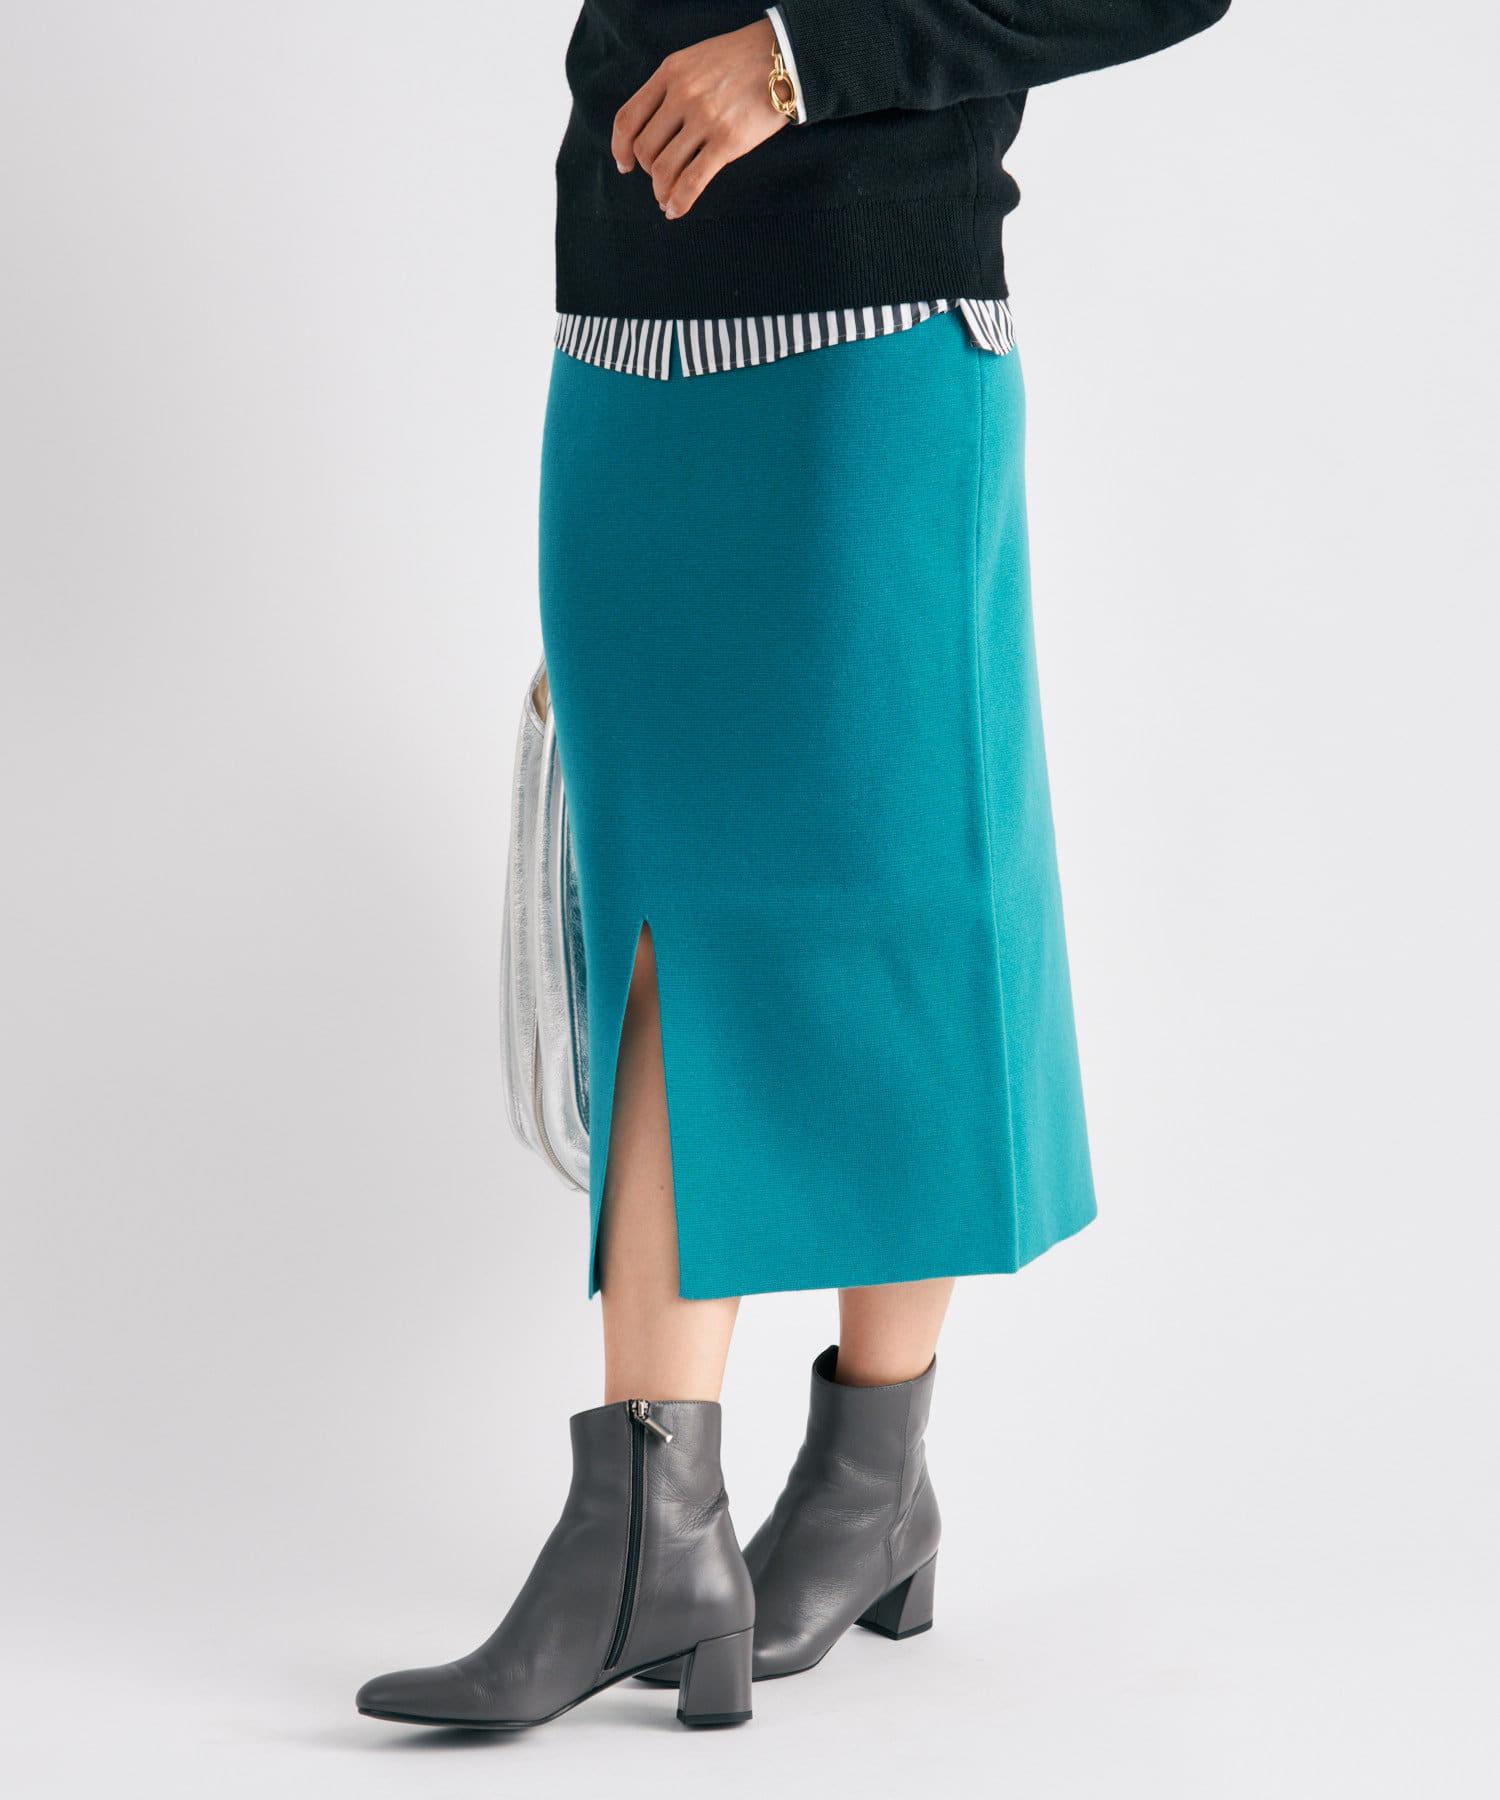 La boutique BonBon(ラブティックボンボン) 《予約》【前スリットでヘルシーな肌見せ・手洗い可】ミラノリブナロースカート